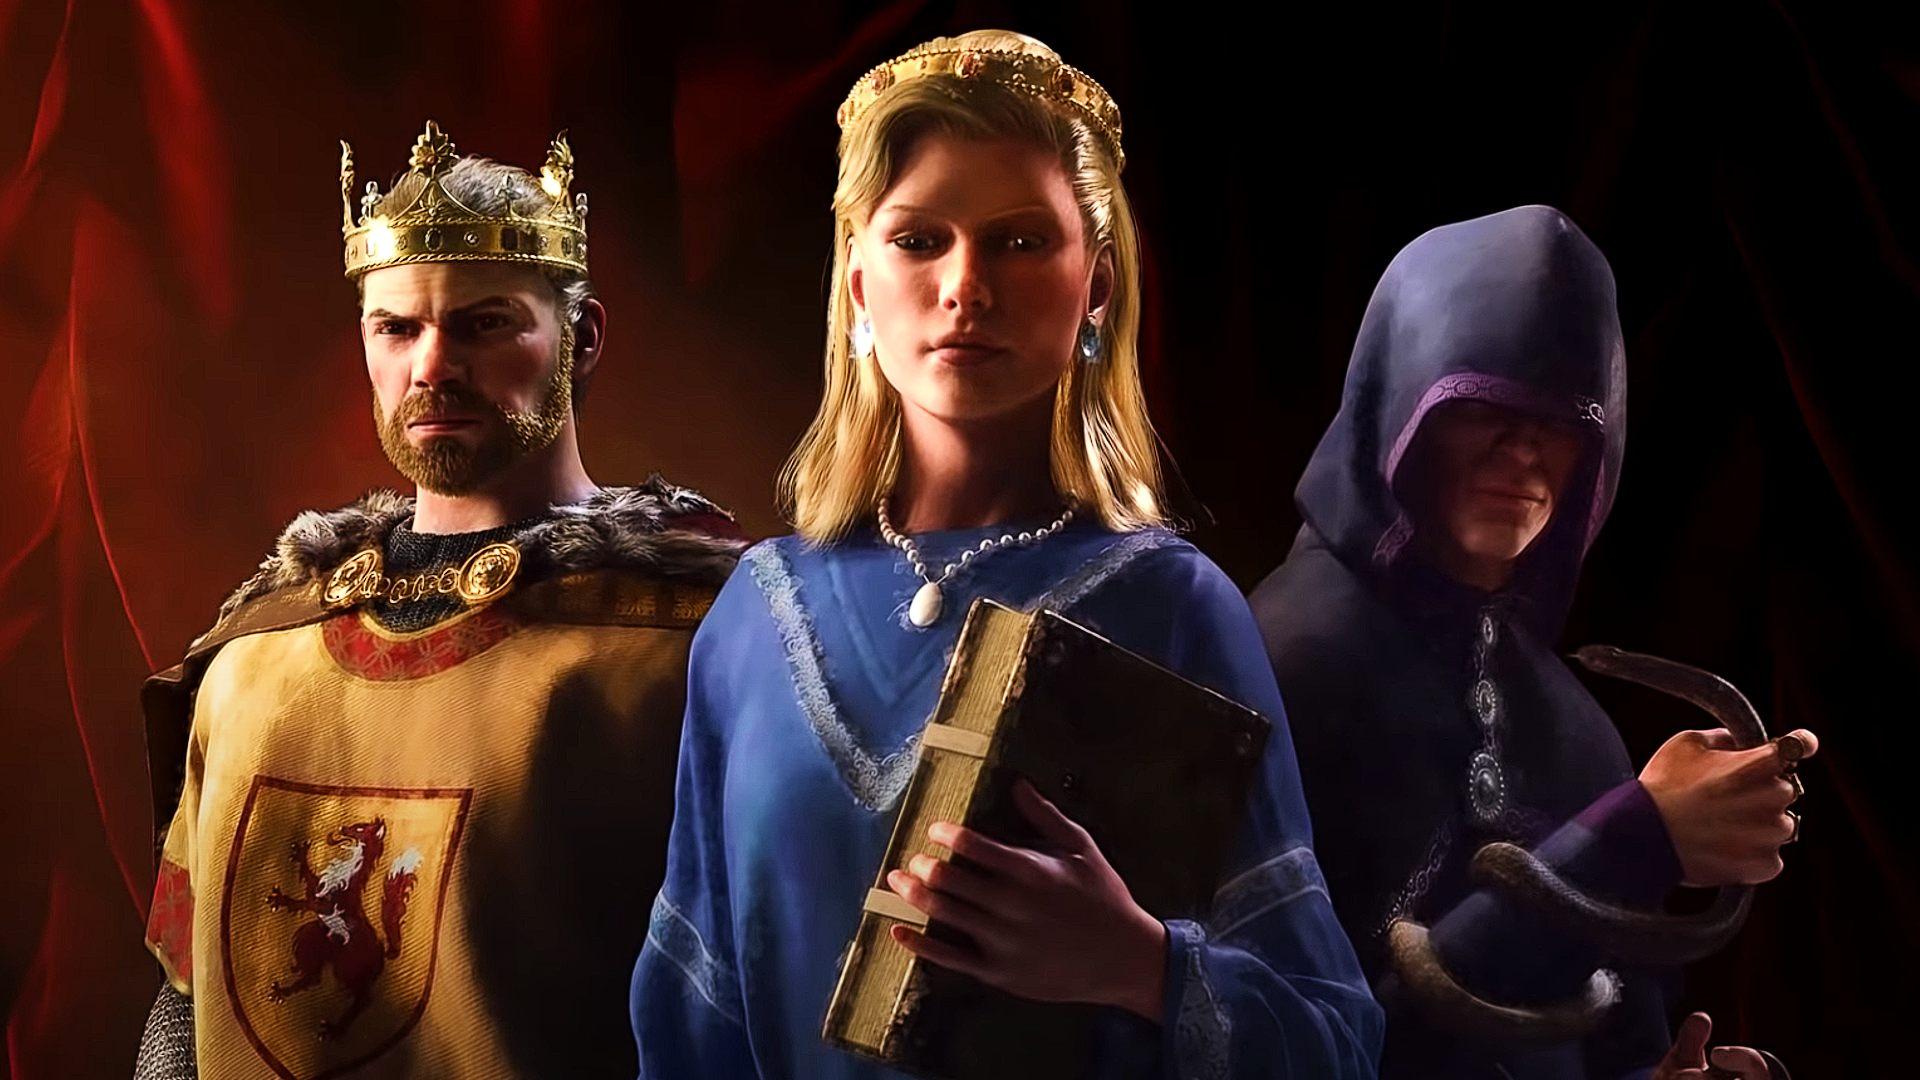 Crusader King 3